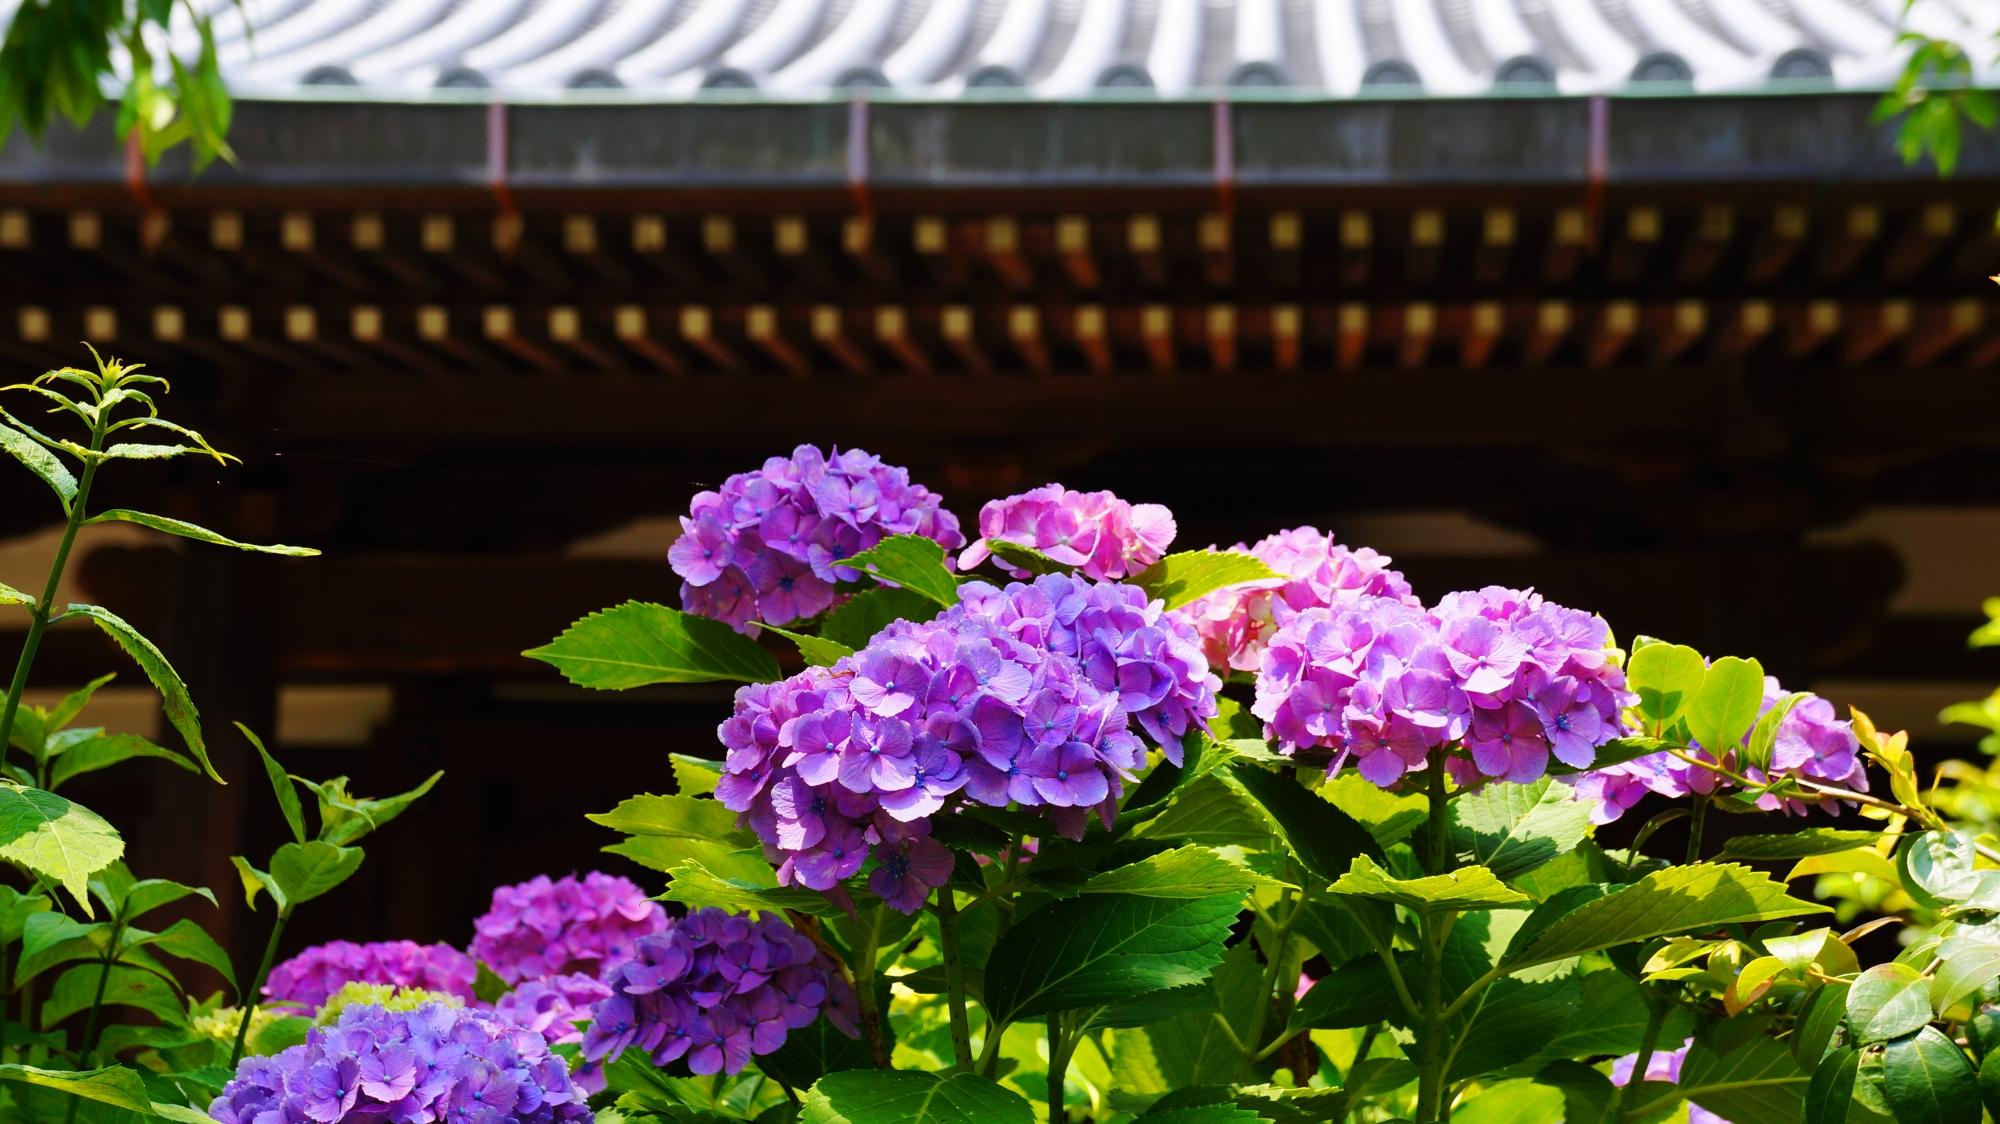 伽藍を背景にした法金剛院の絵になる紫陽花